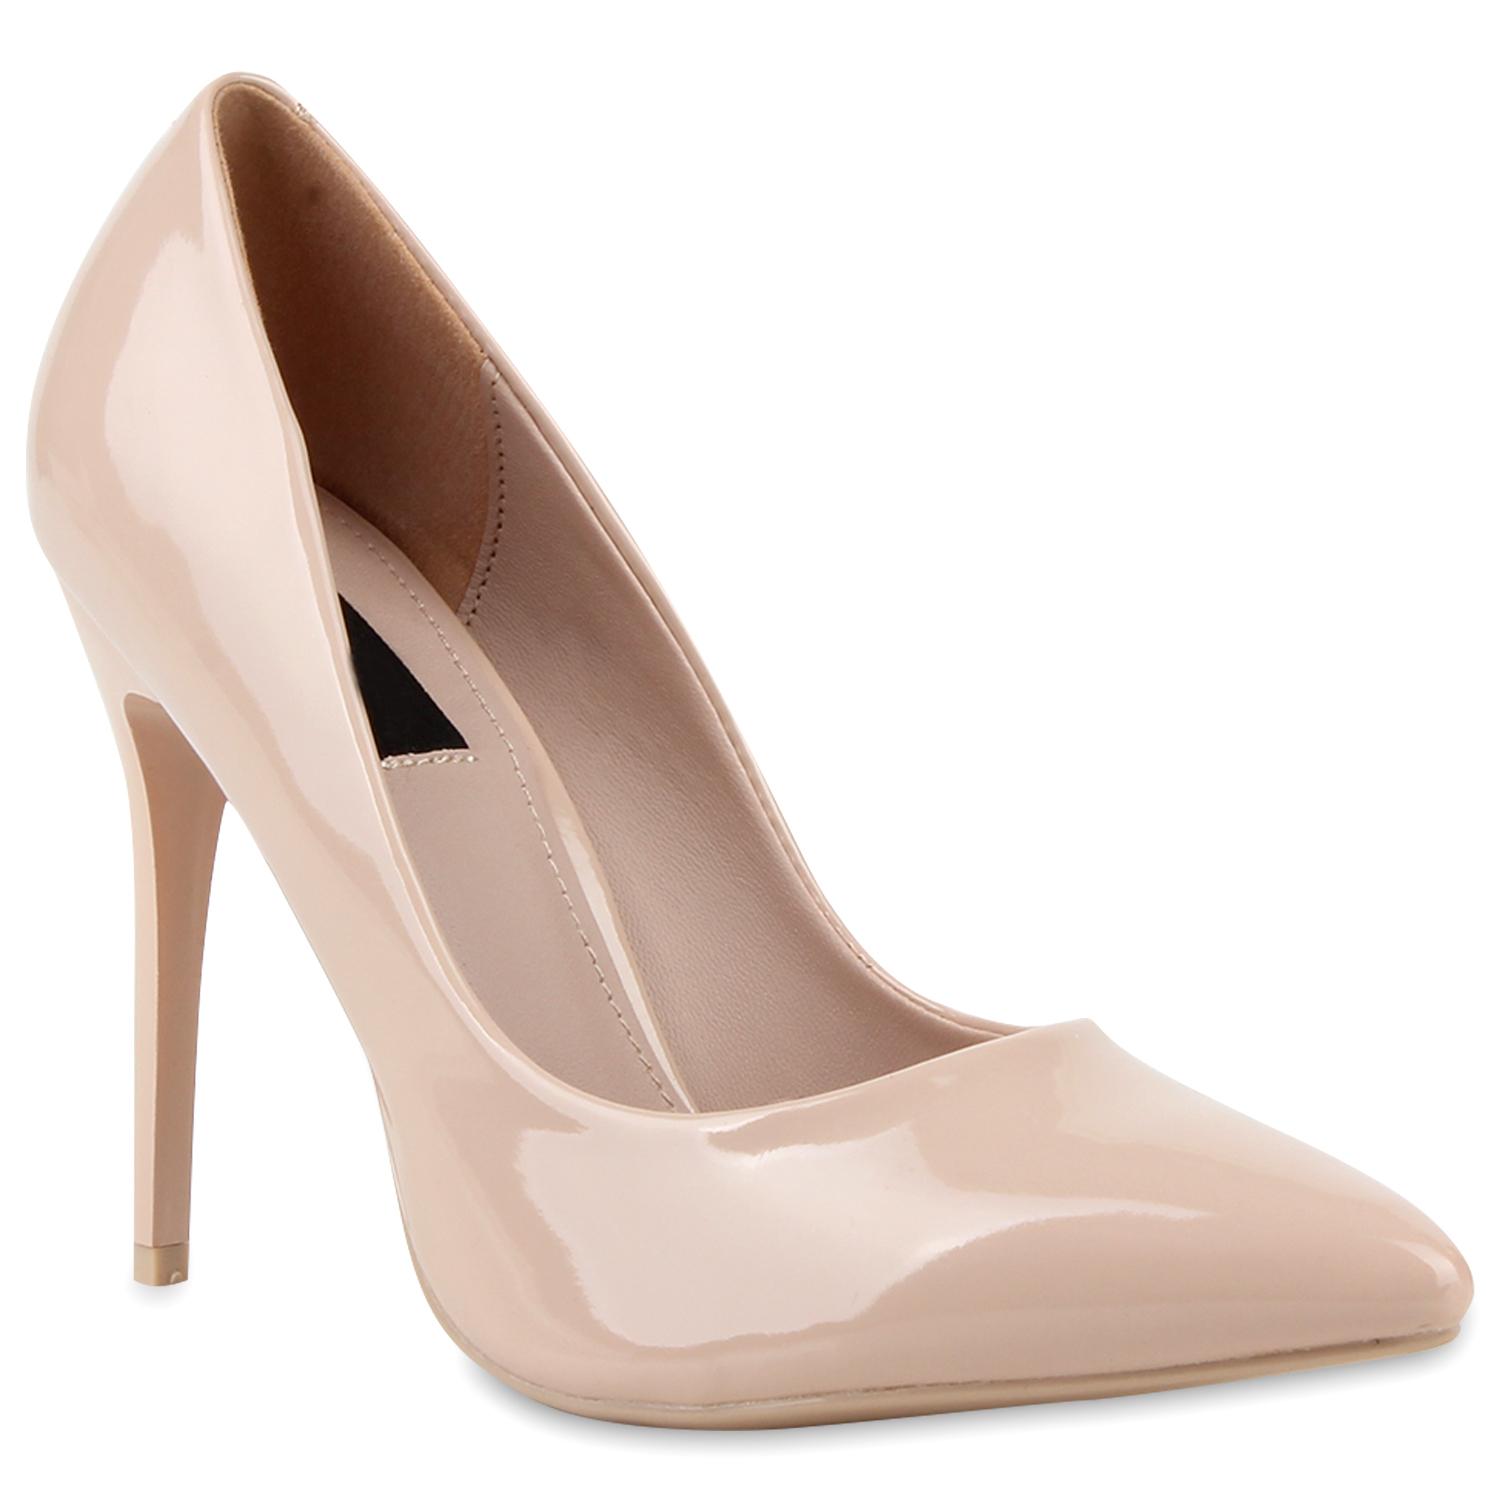 plateau damen pumps high heels lederoptik 890716 schuhe ebay. Black Bedroom Furniture Sets. Home Design Ideas